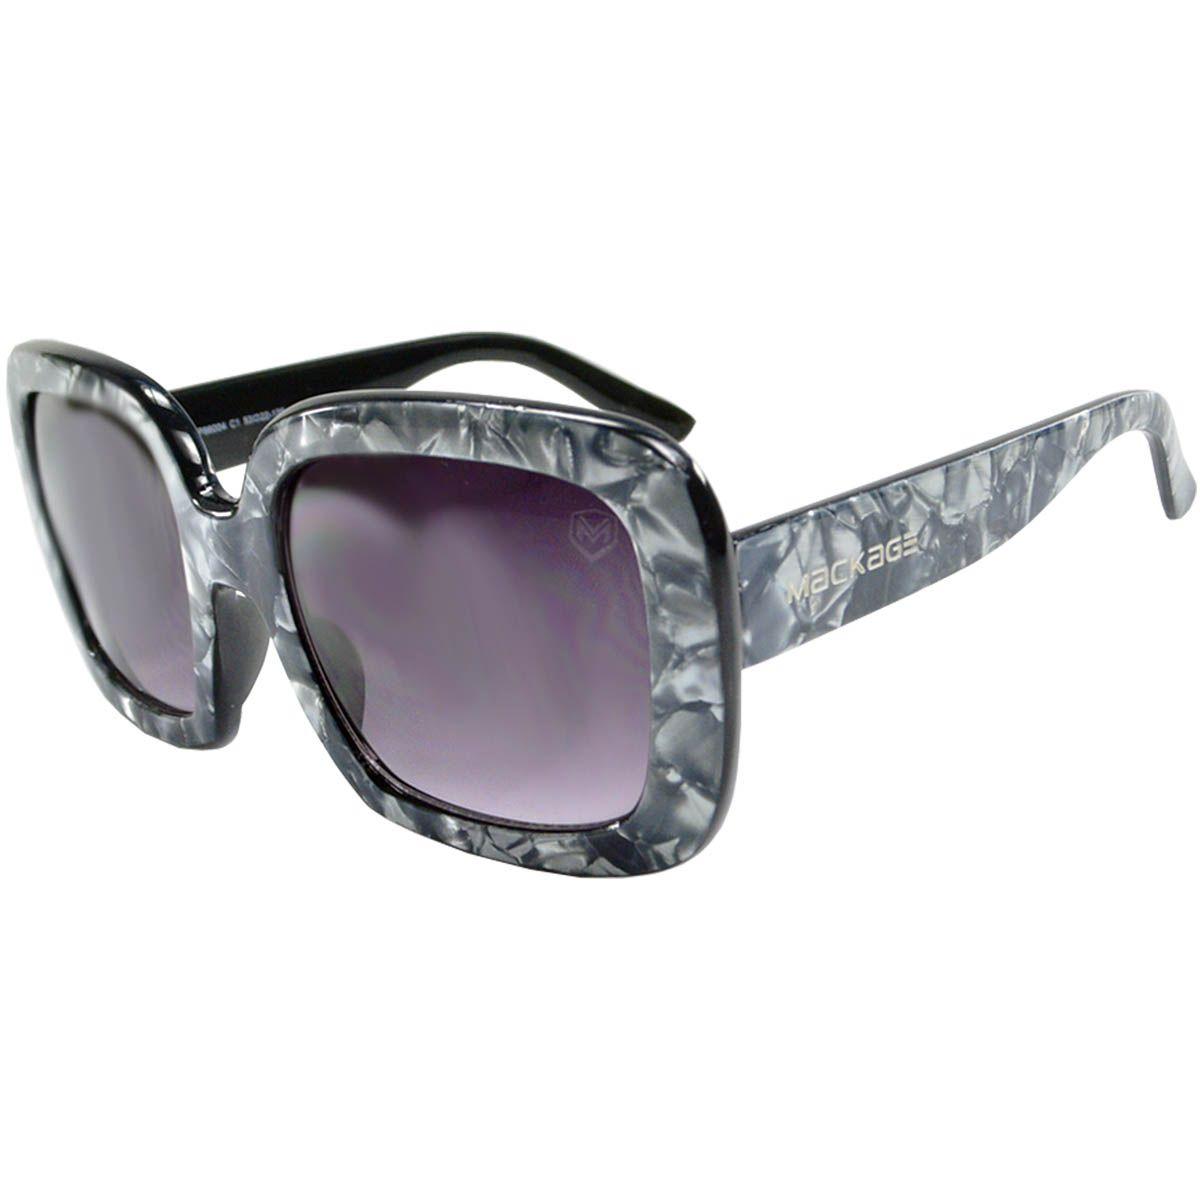 Óculos de Sol Feminino Marmorizado Mackage MK86004